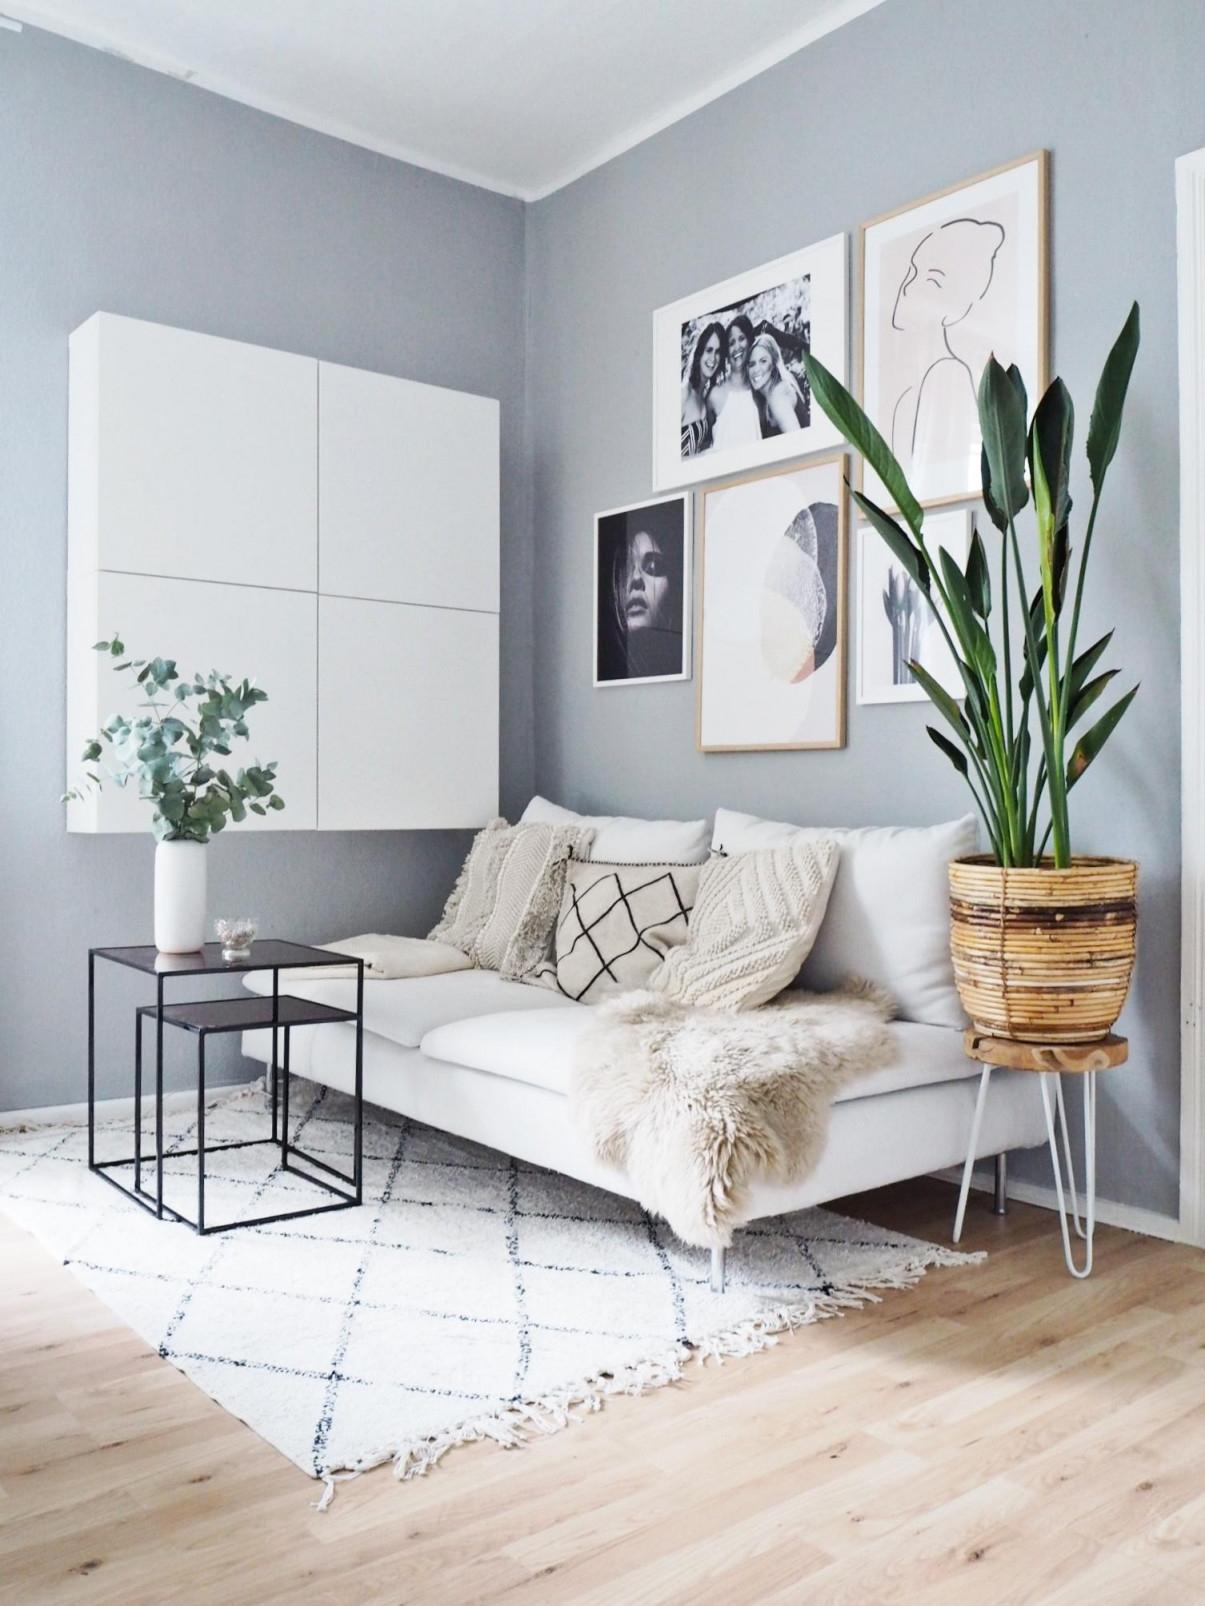 Bilderwandideen Inspiration Bei Couch von Bilderwand Wohnzimmer Ideen Bild